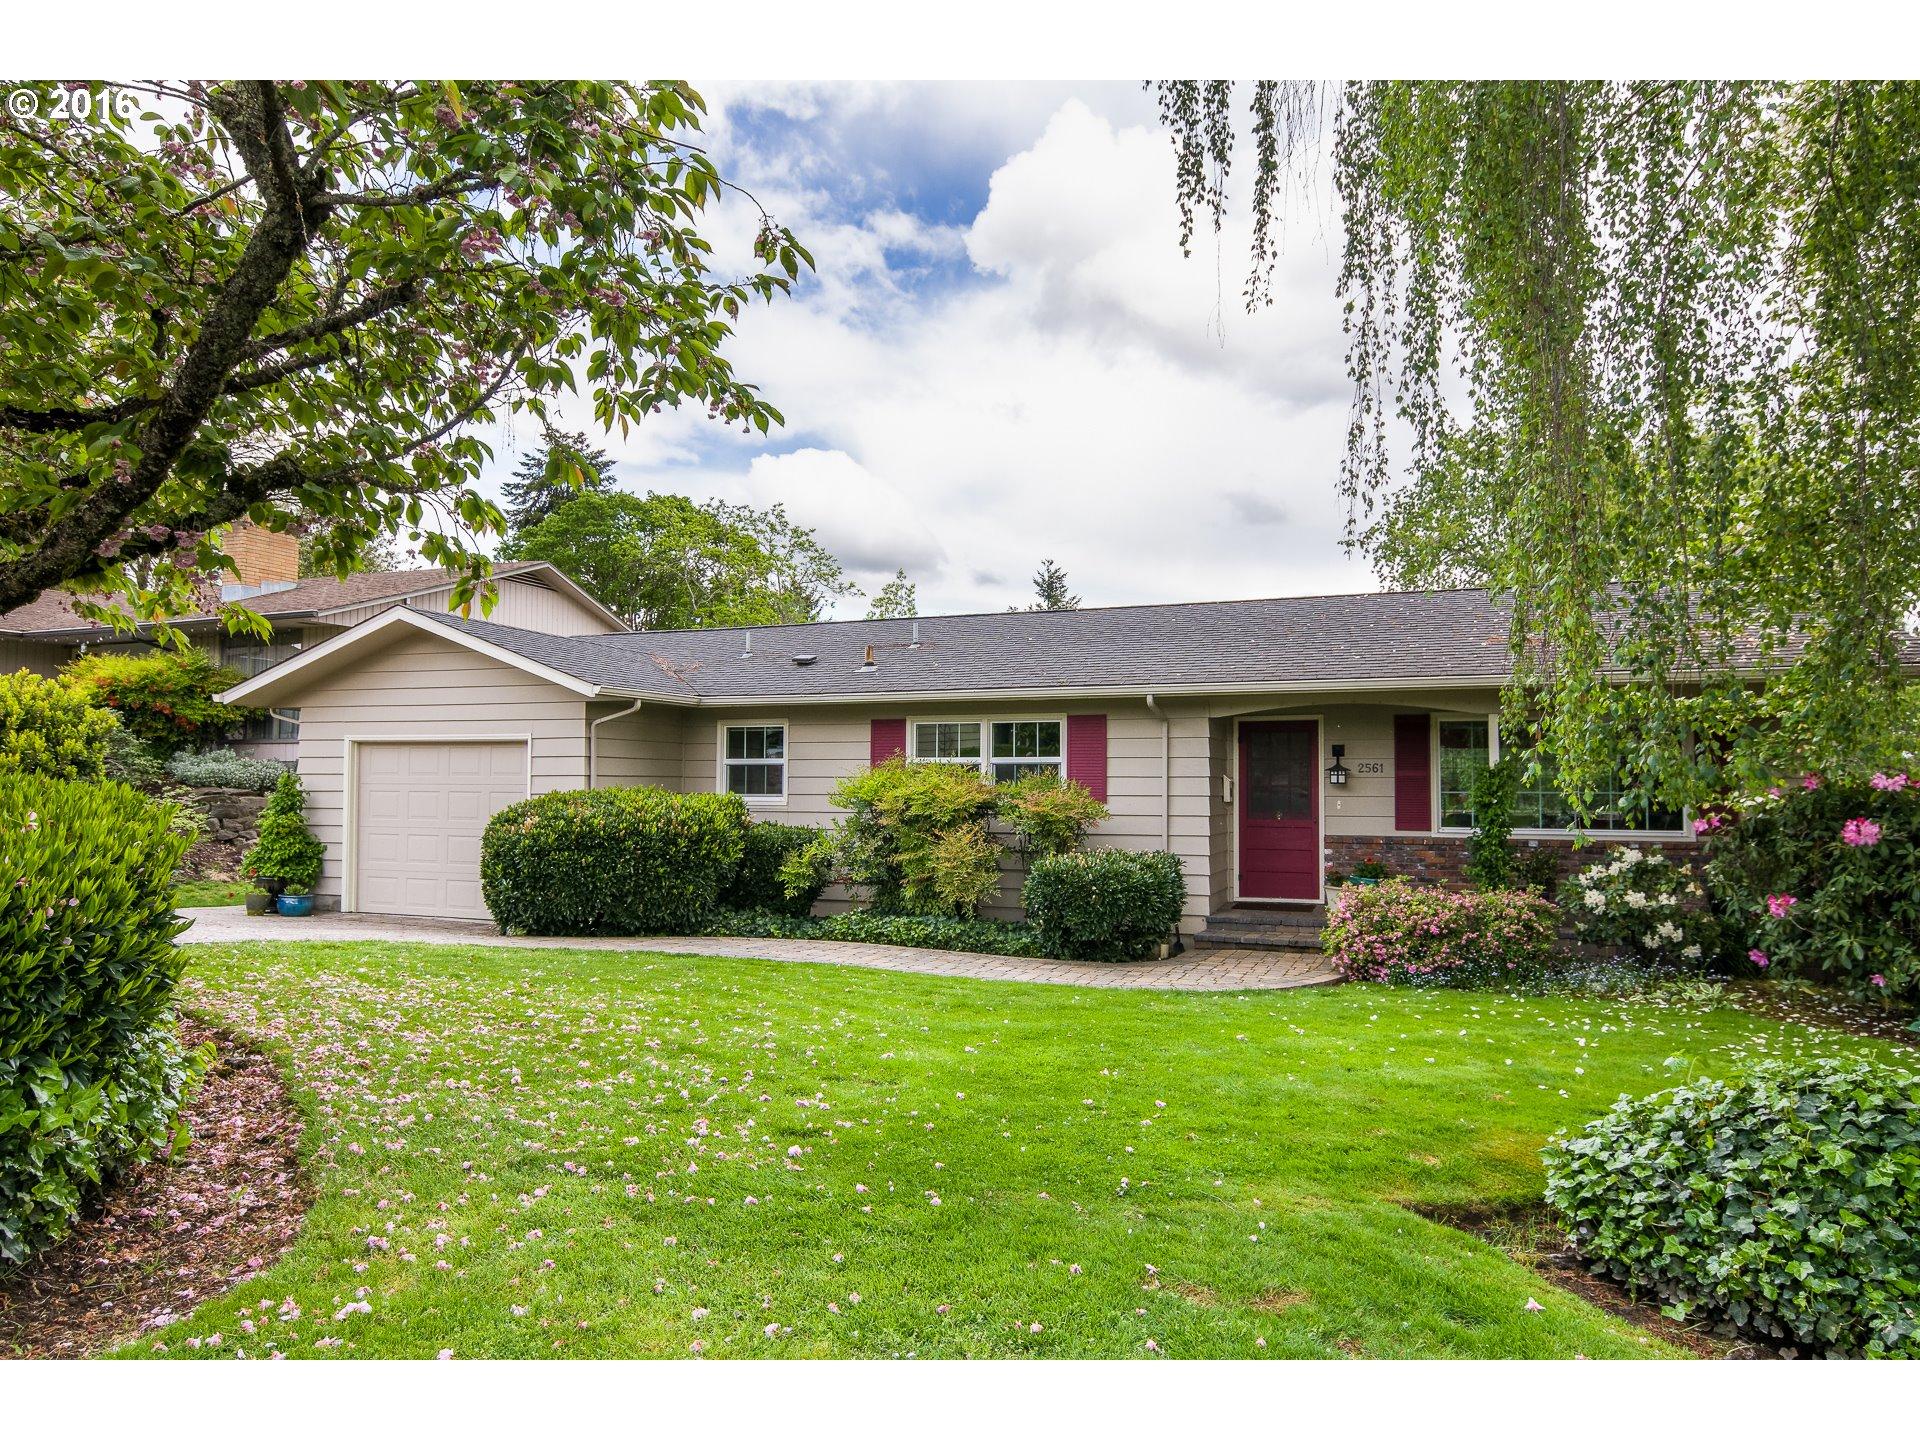 2561 LAWRENCE ST, Eugene OR 97405